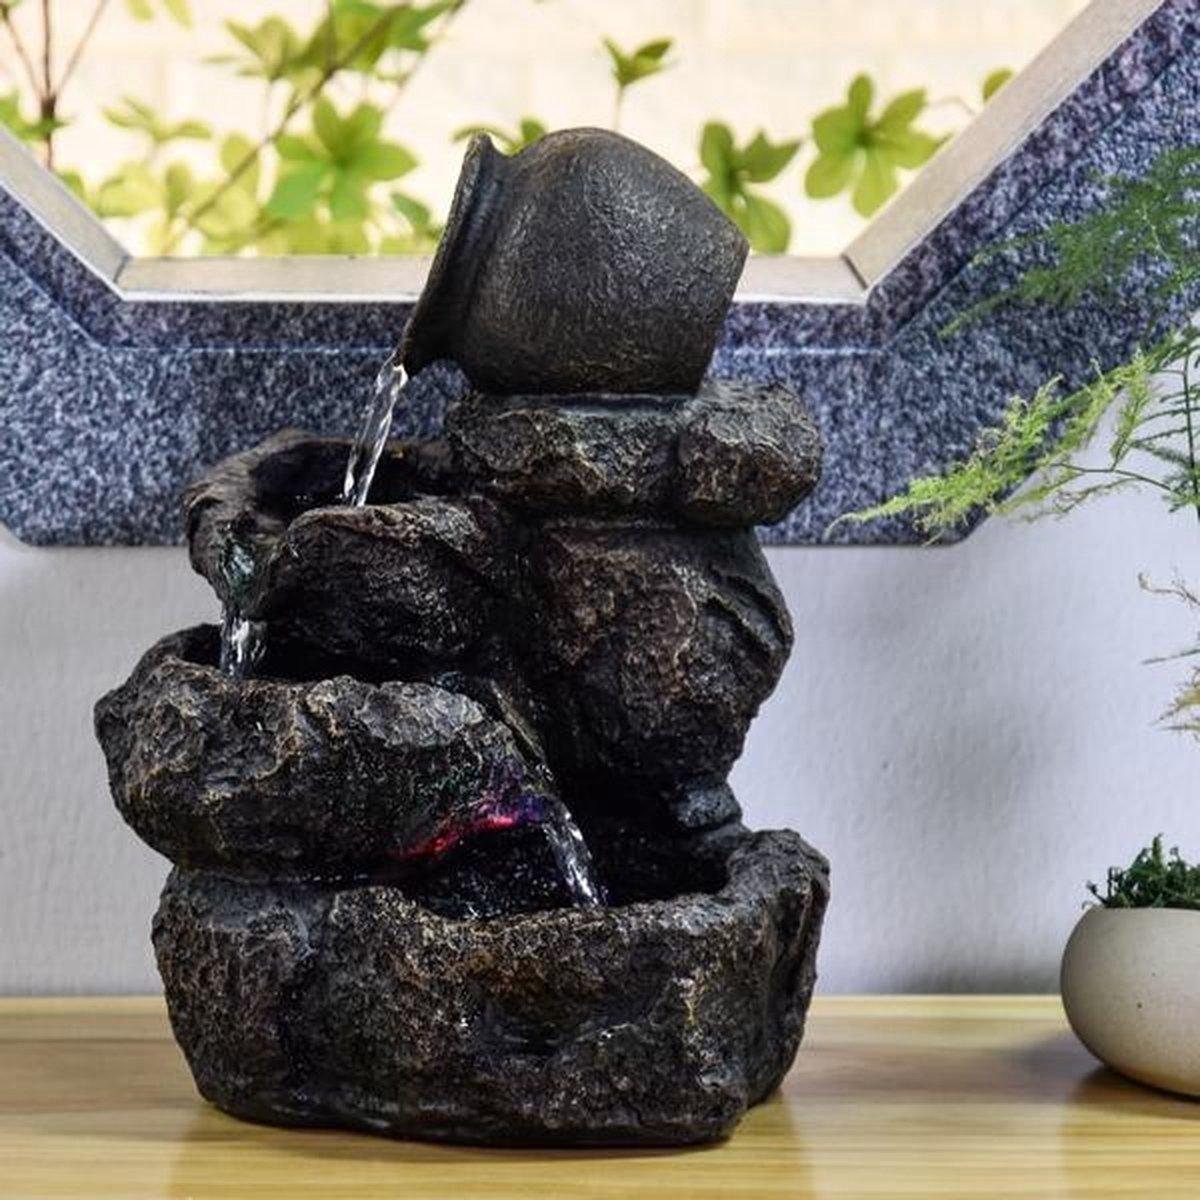 Nature Nivello Relax 31 cm hoog - fontein - interieur - fontein voor binnen - relaxeer - zen - waterornament - cadeau - geschenk - relatiegeschenk - kerst - nieuwjaar - origineel - lente - zomer - lentecollectie - zomercollectie - afkoeling - koelte